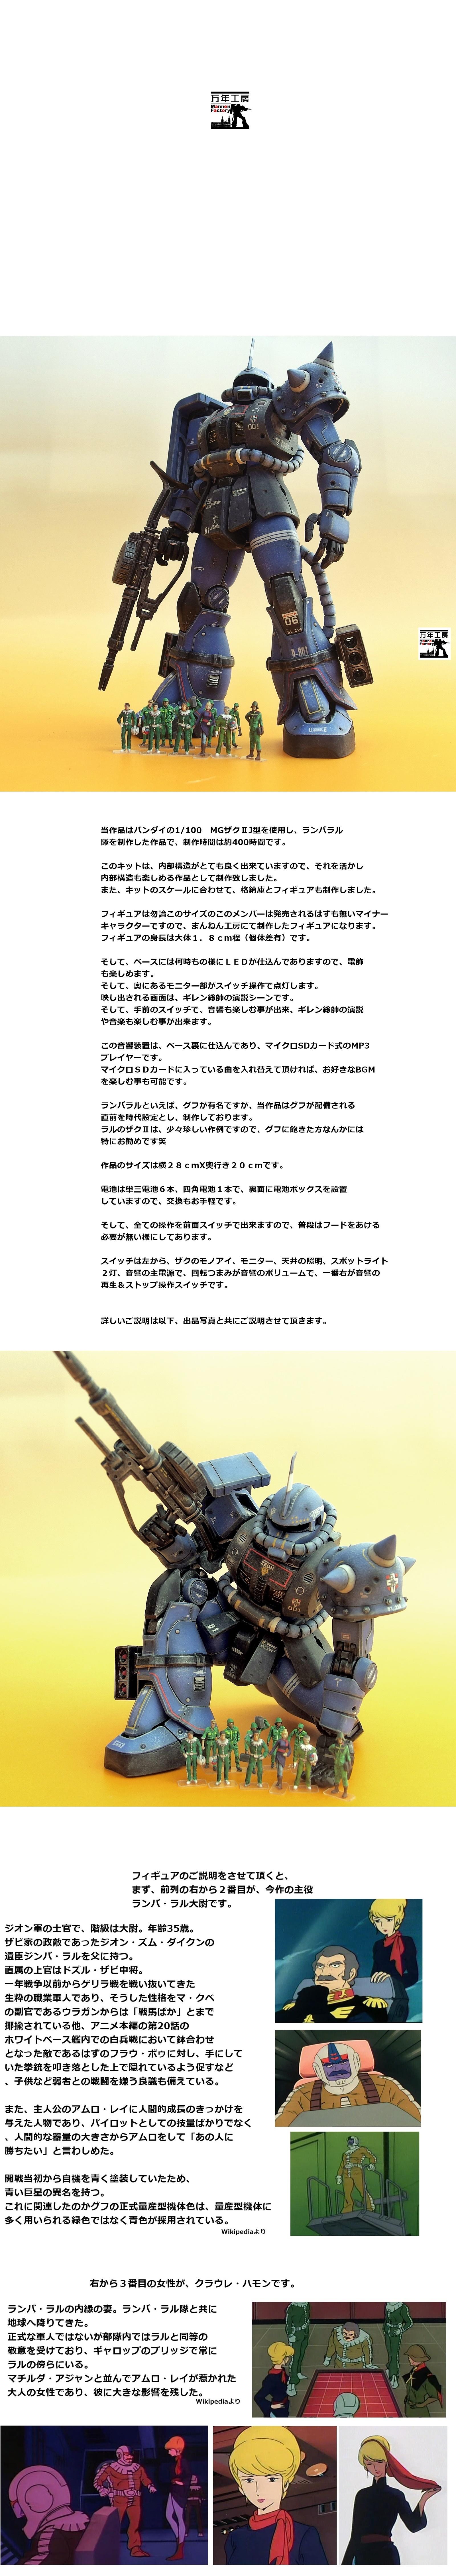 ランバラル隊ベース付きブログ①